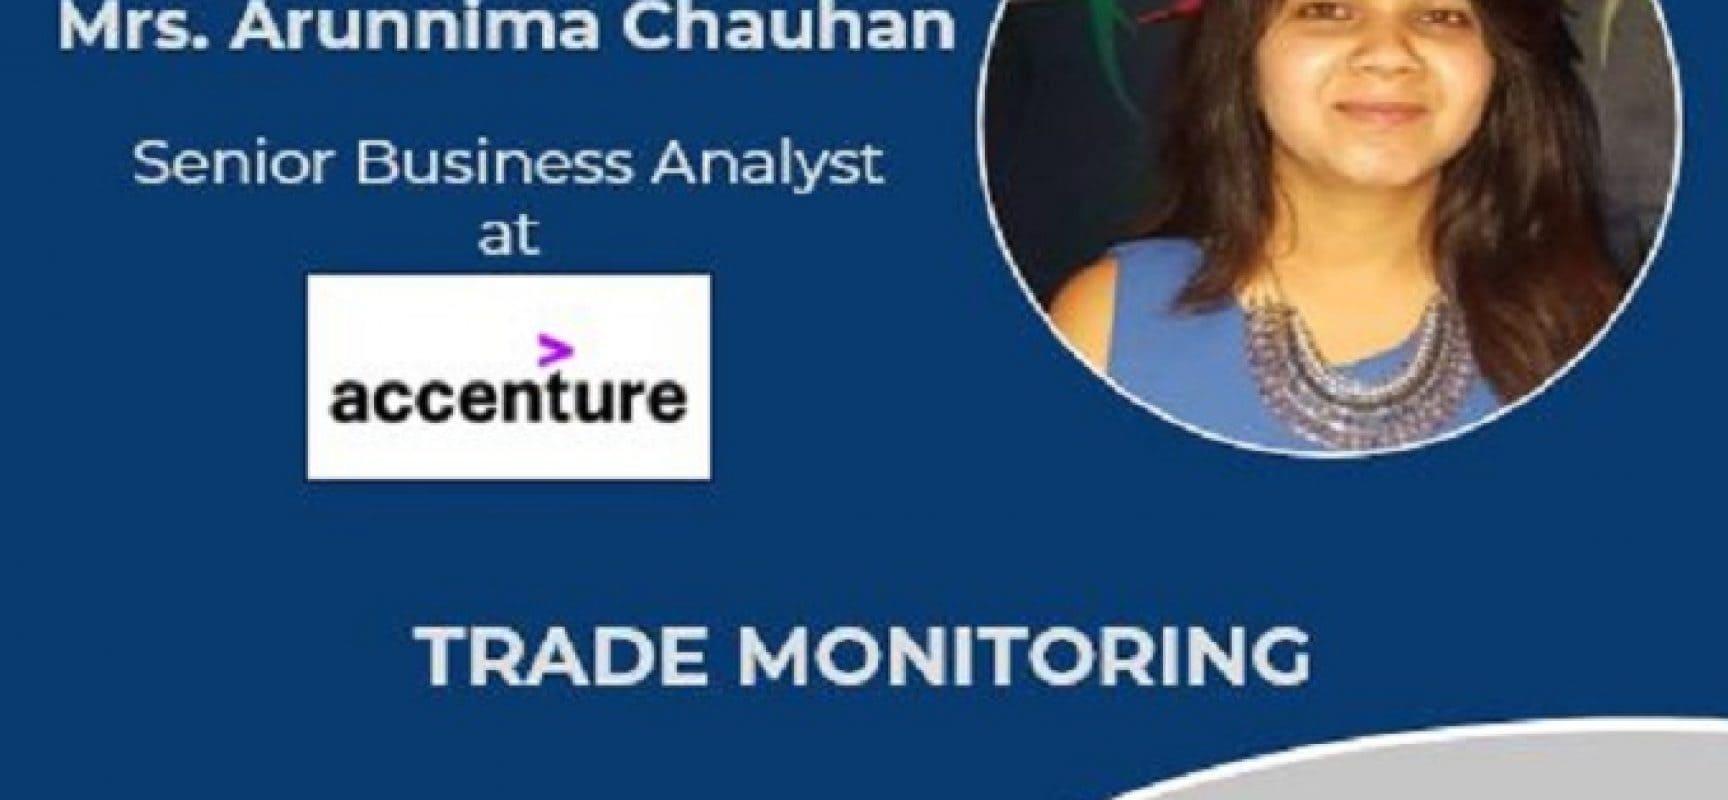 Trade Monitoring